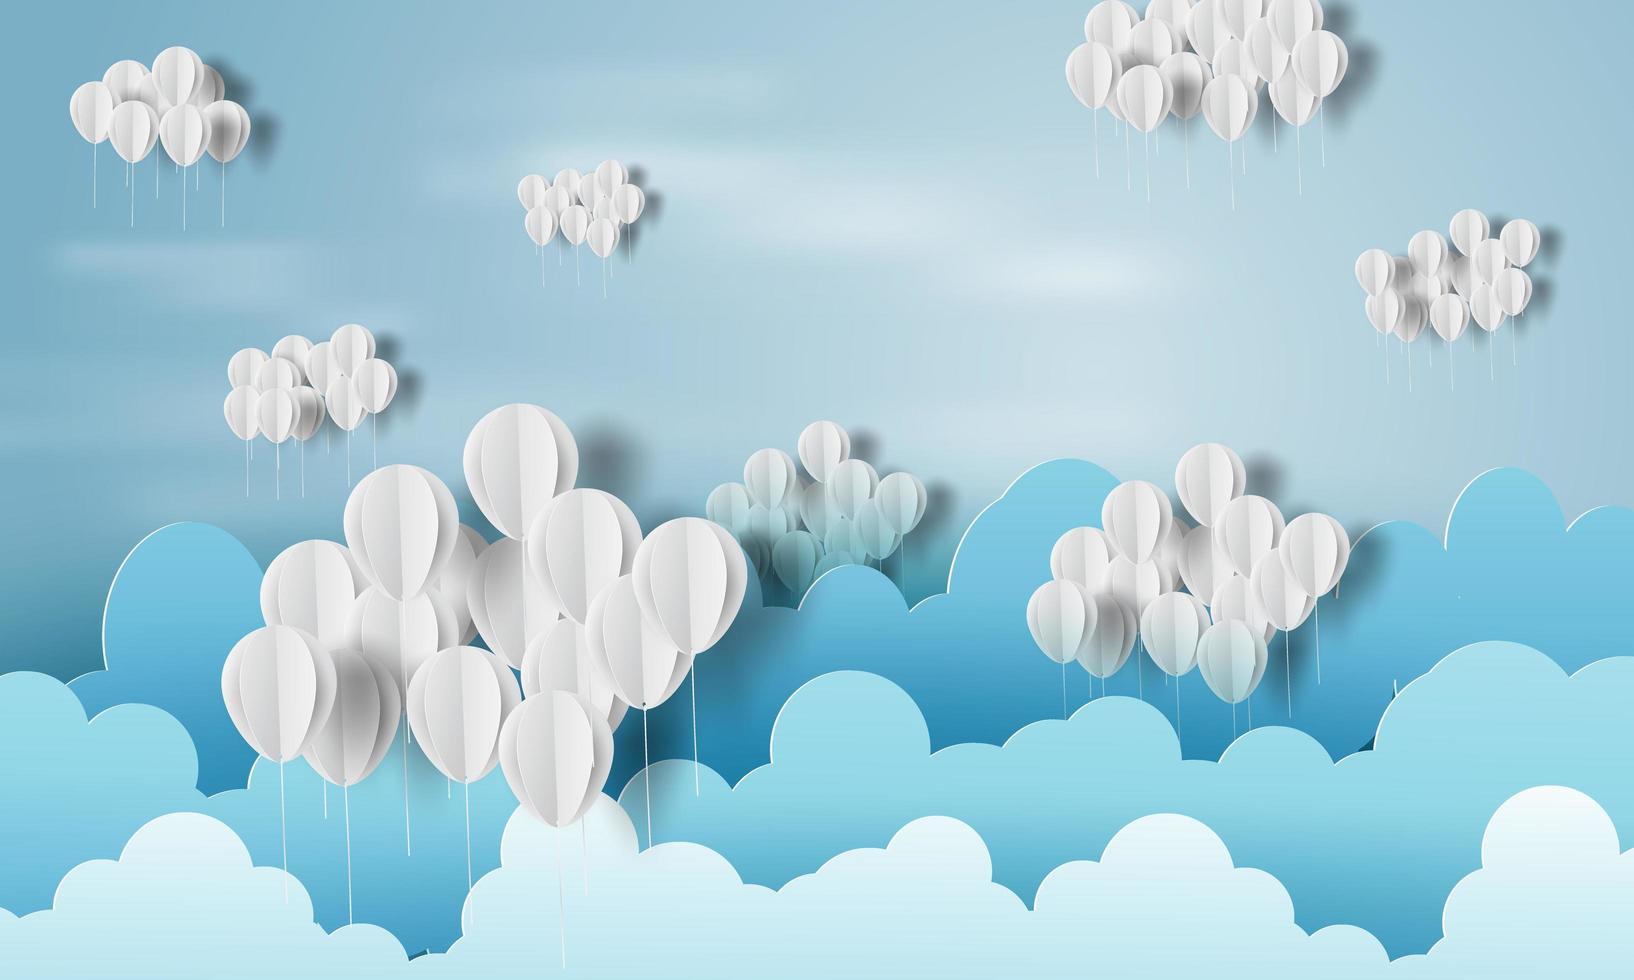 papierkunst van ballonnen als wolken op blauwe hemelbanner vector